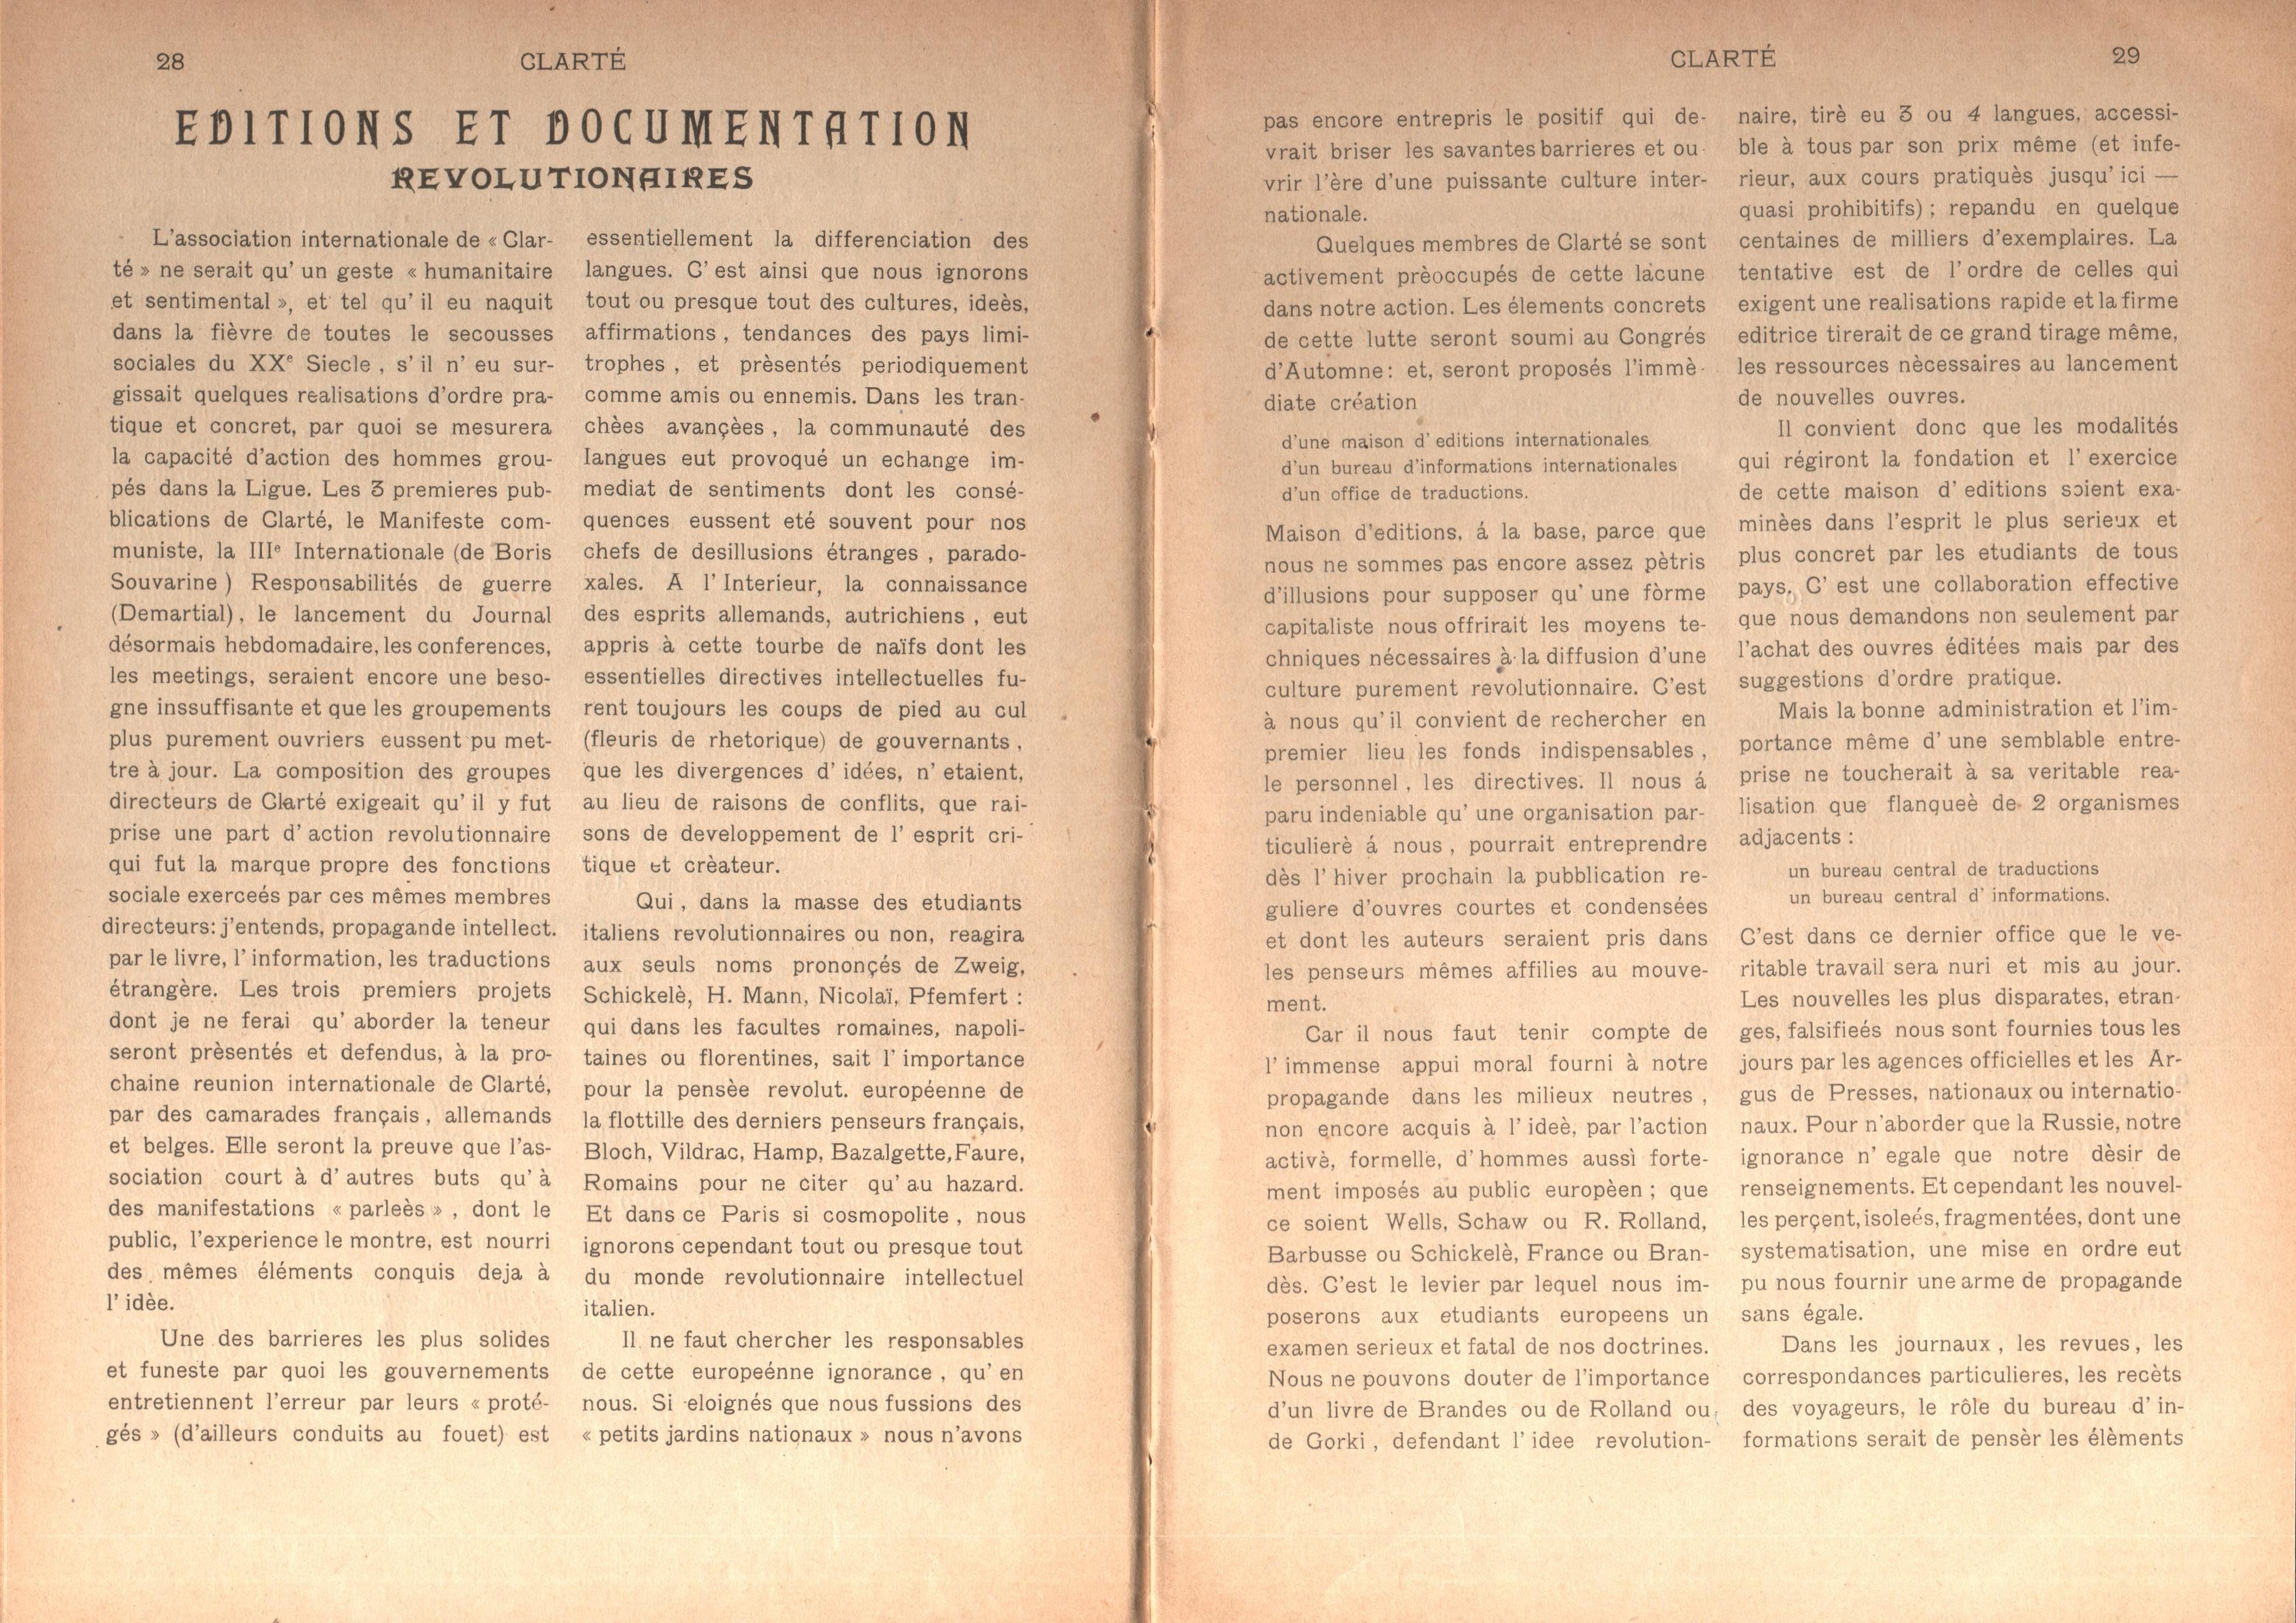 Clarté. Rivista mensile degli studenti comunisti (a. I, n. 2, Palermo, 15 giugno 1920) - pag. 4